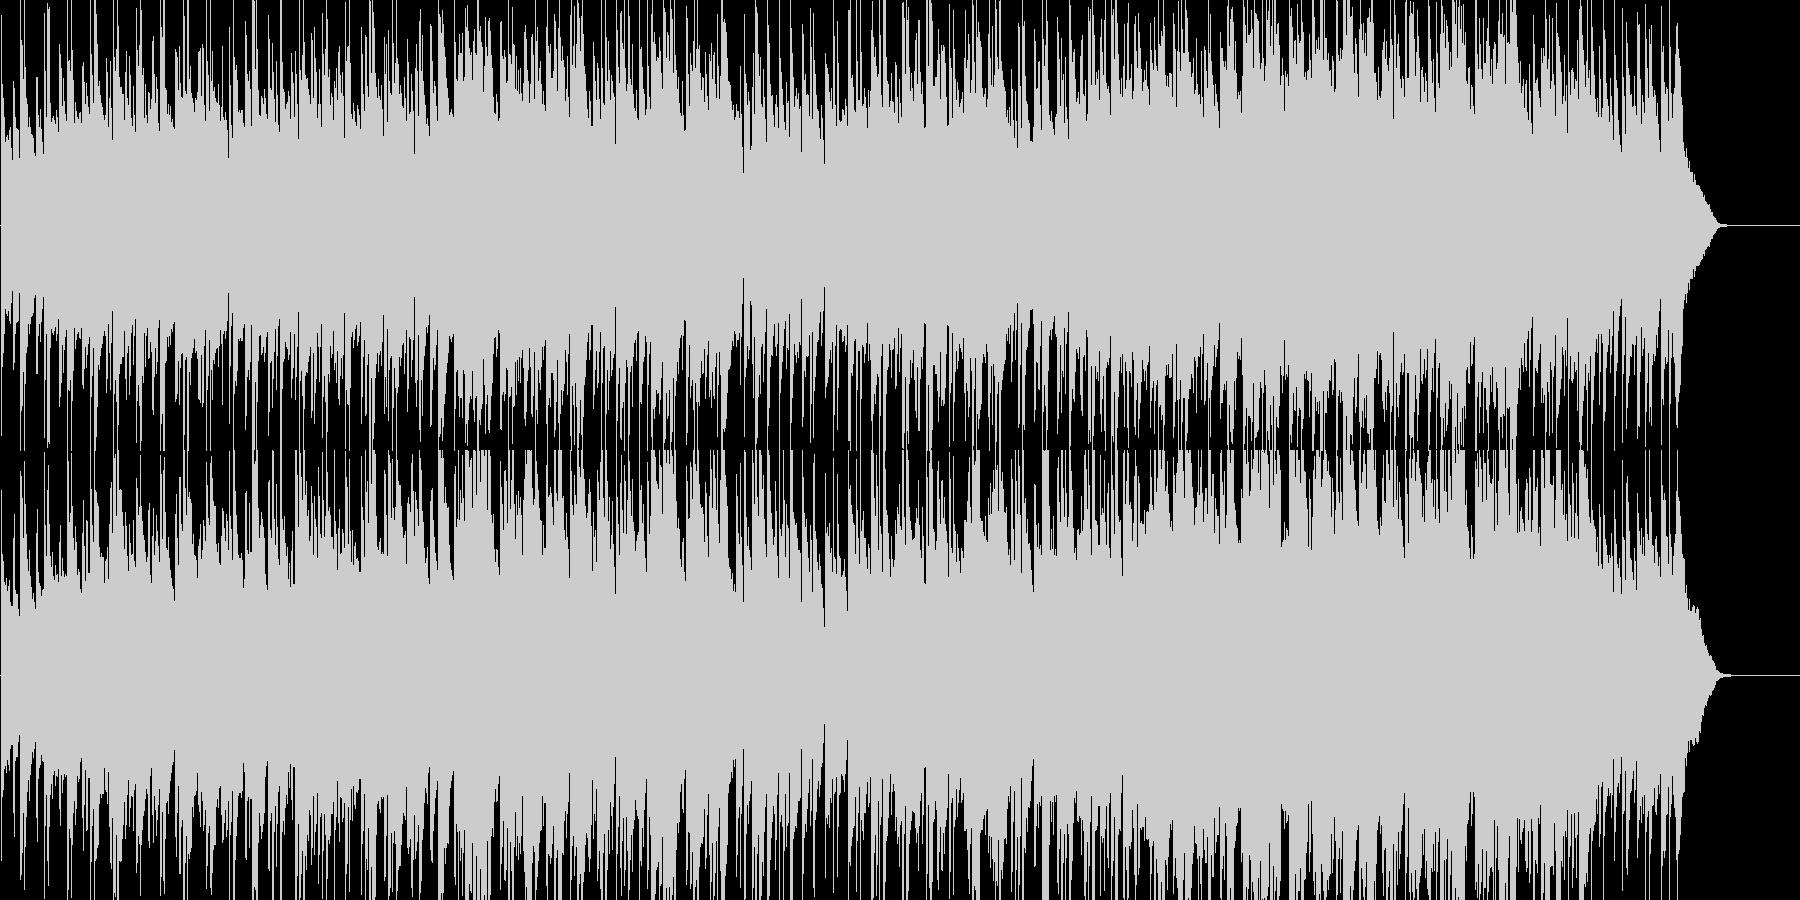 エンディングにぴったりのしっとりポップの未再生の波形